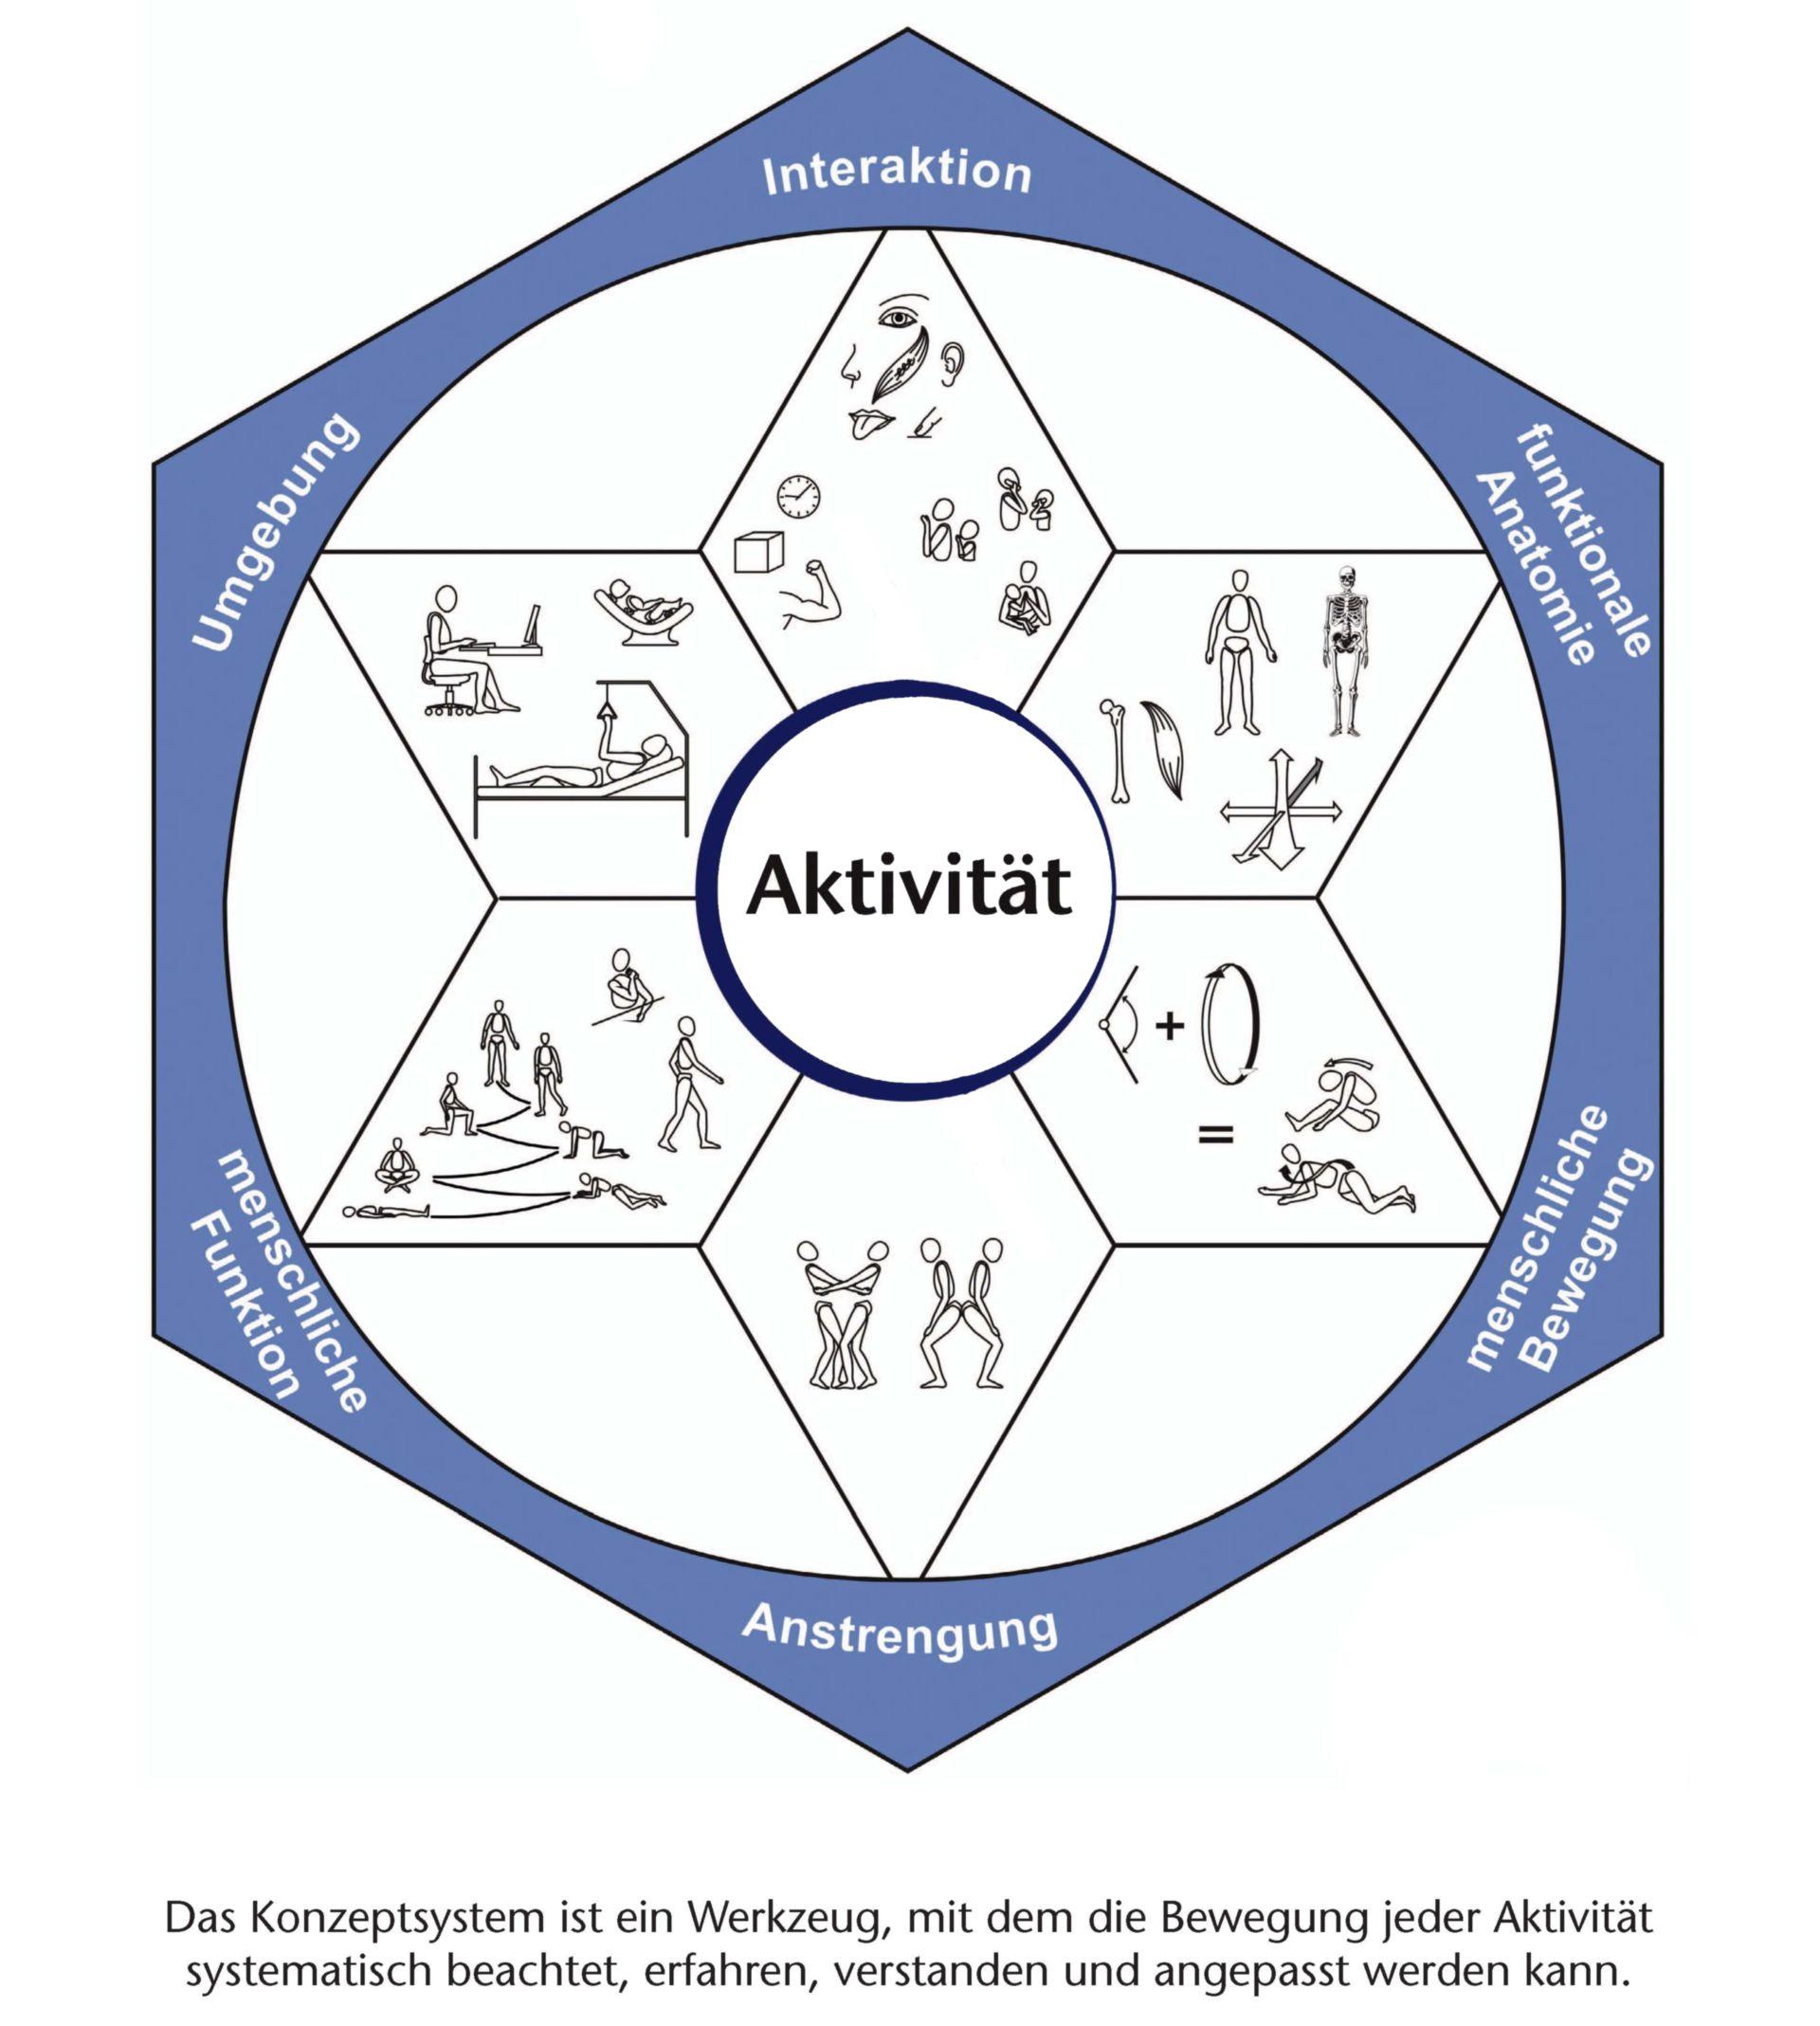 Sistema del concepto de kinestesia (esquema)